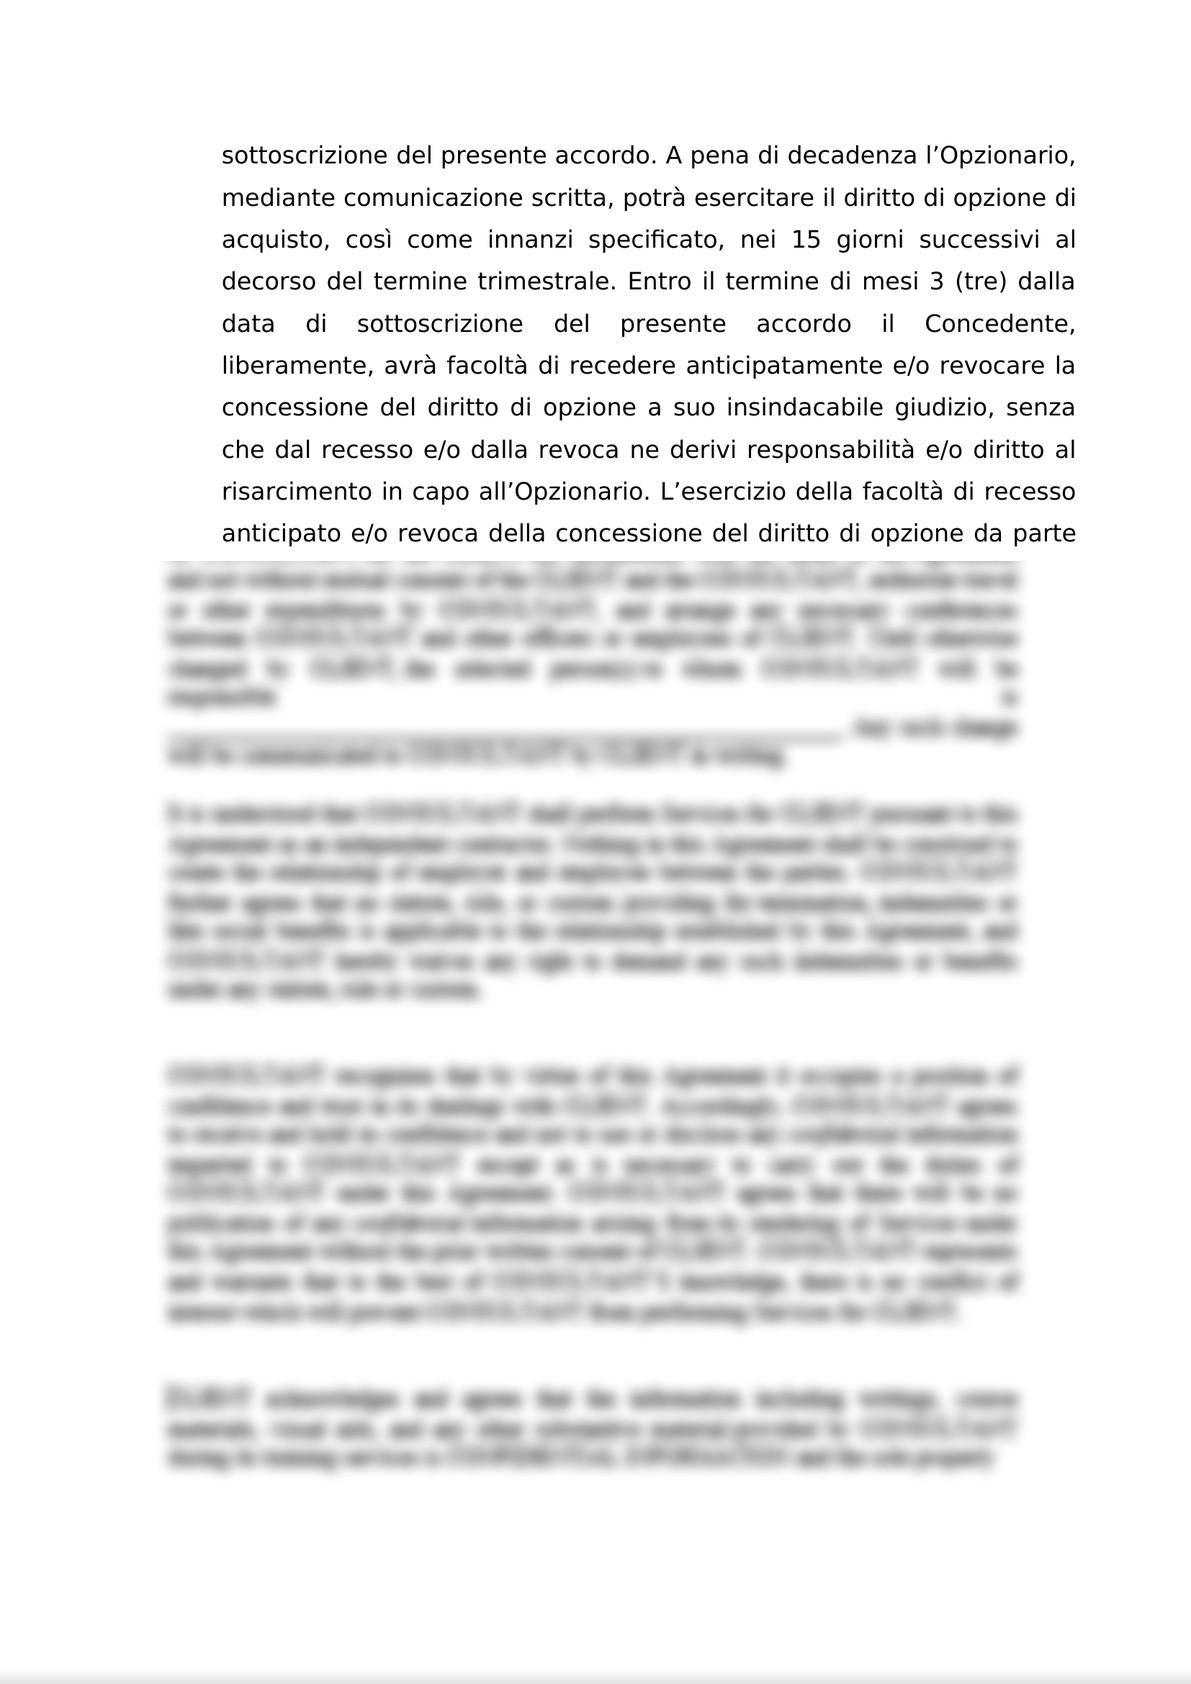 ACCORDO PER L'ATTRIBUZIONE DI DIRITTI DI OPZIONE DI ACQUISTO-2